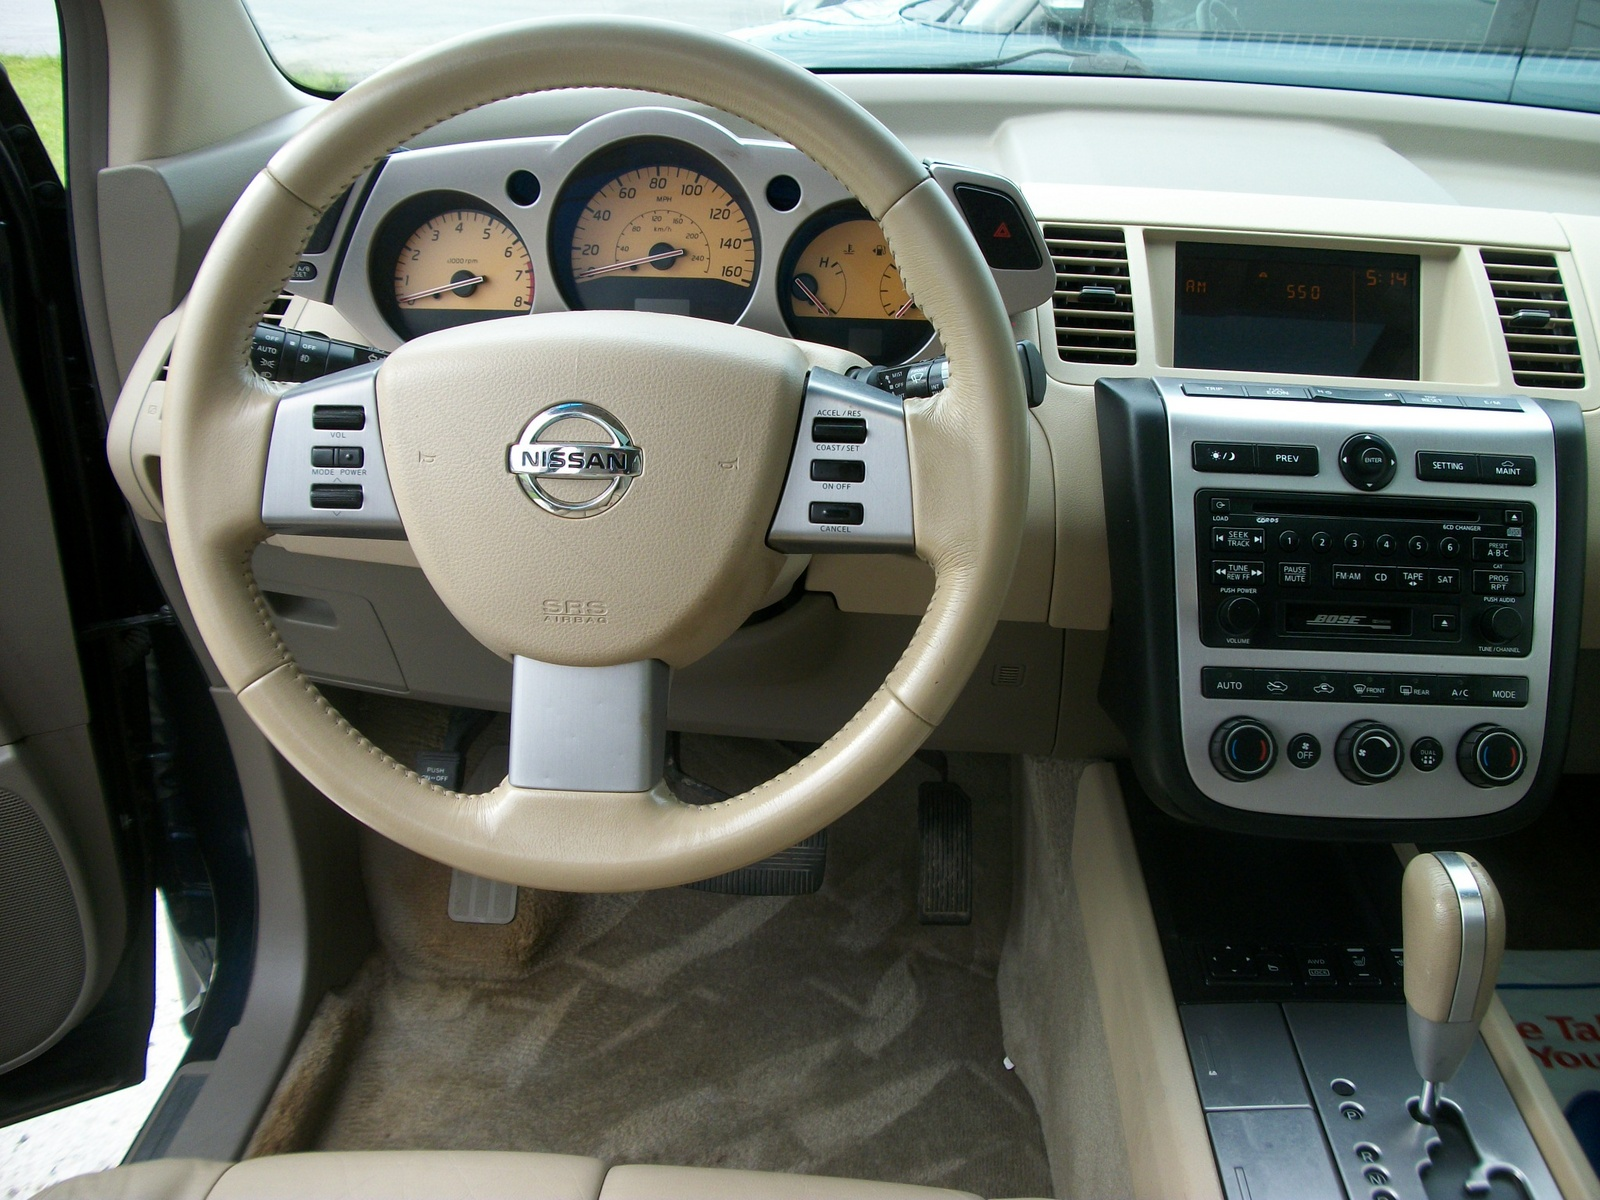 2005 Nissan Murano Interior Pictures Cargurus